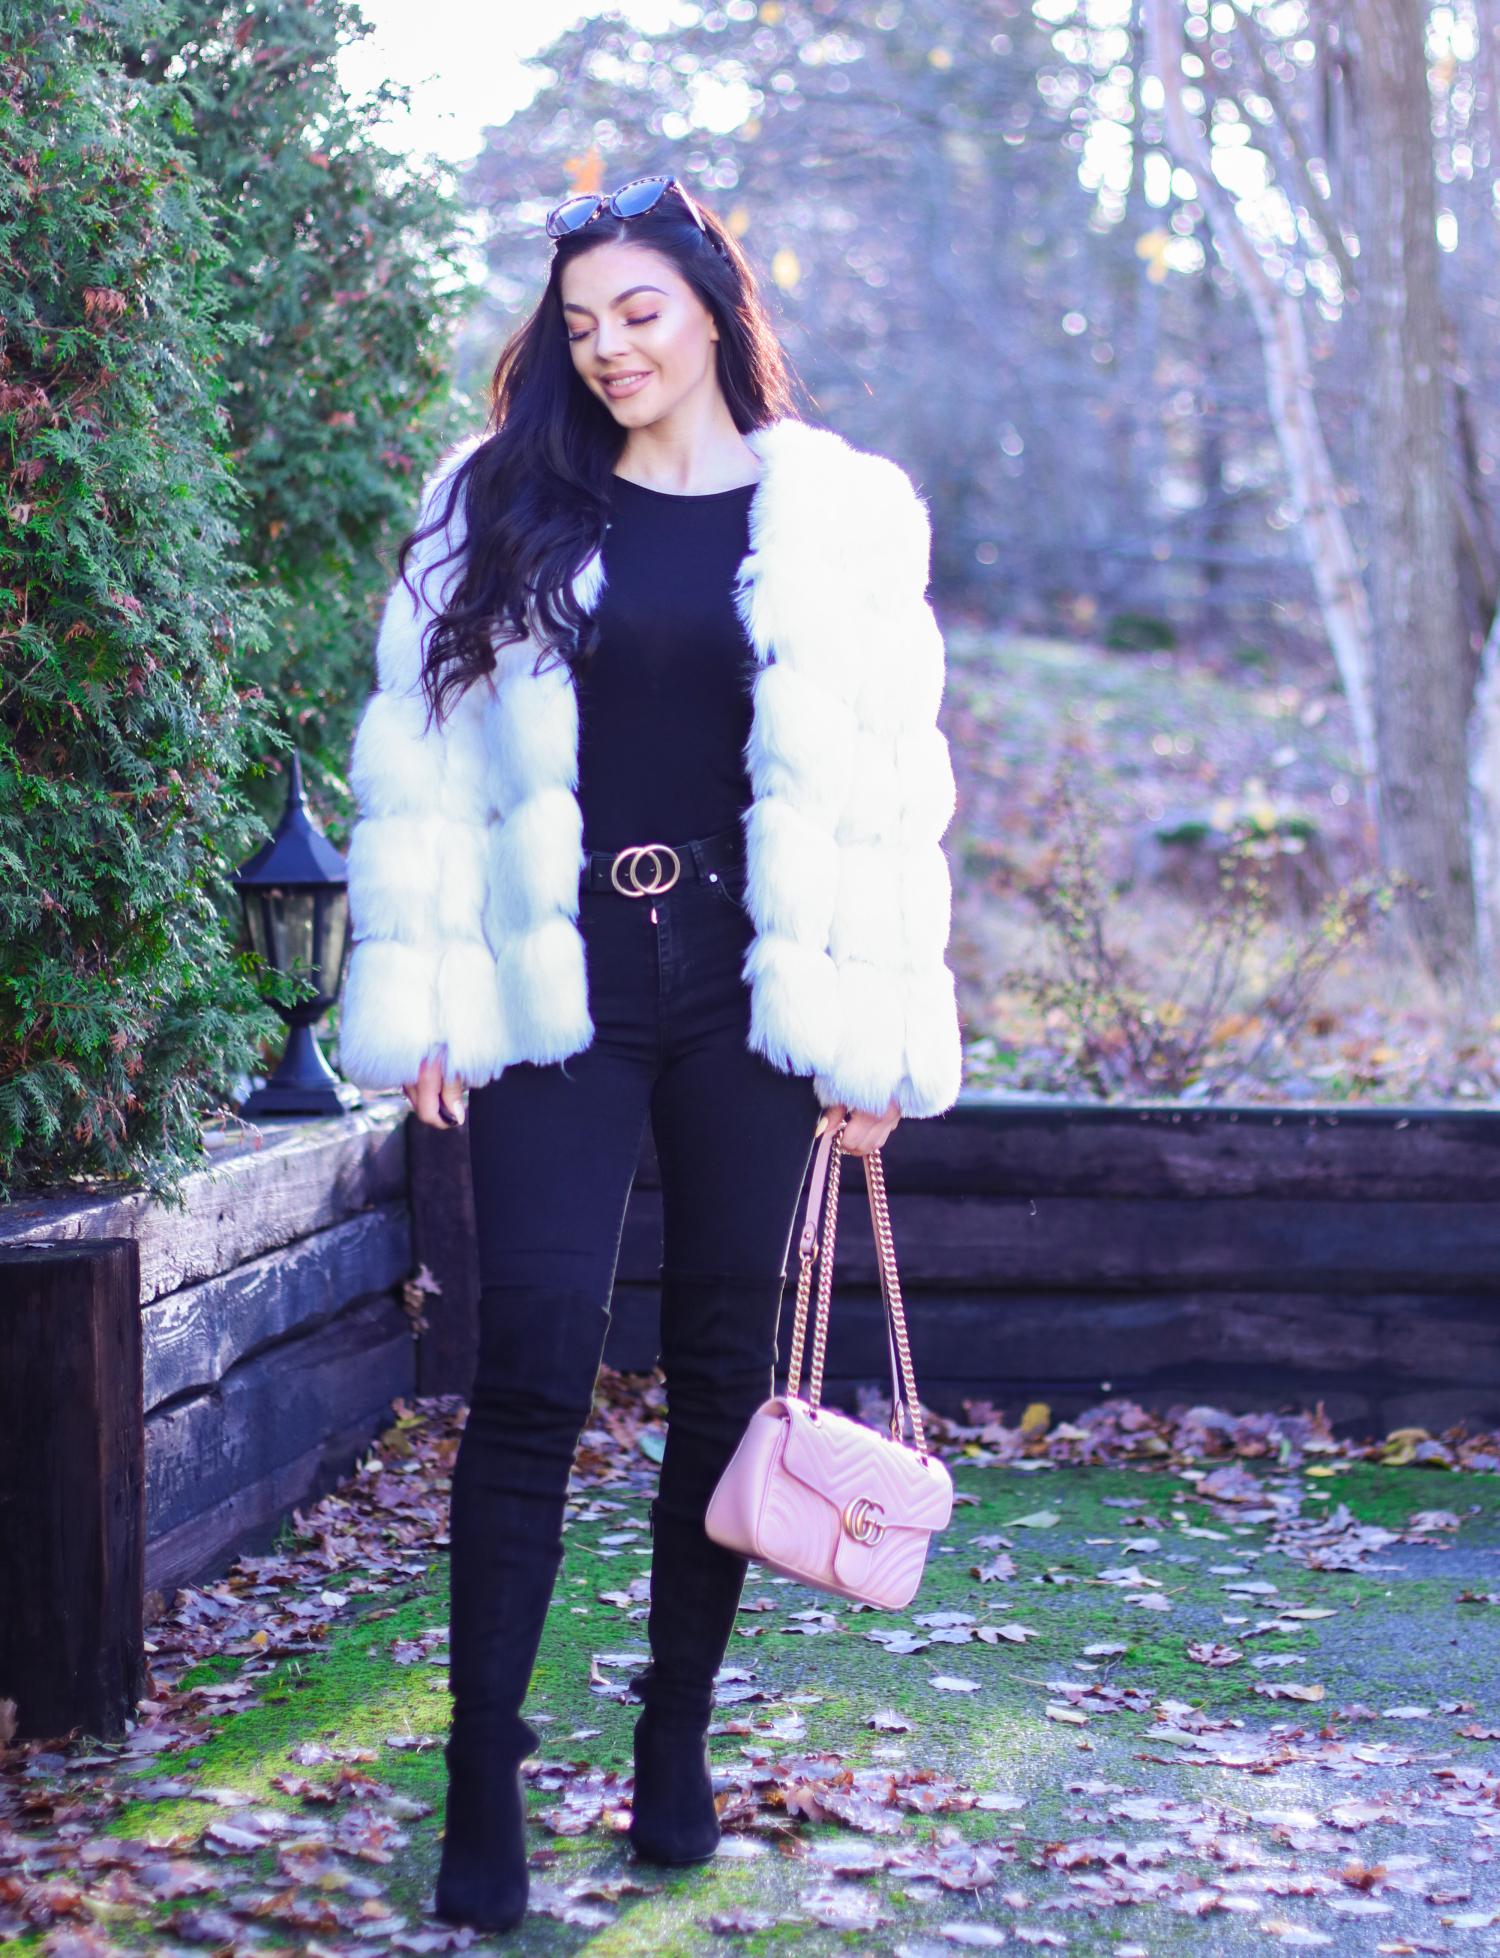 f8eb1739 Strømpebukser – Jeg elsker å bruke skjørt og kjoler, men da er det et must  med strømpebukser som er varme og som ser fine ut. Jeg bruker forresten  DISSE og ...